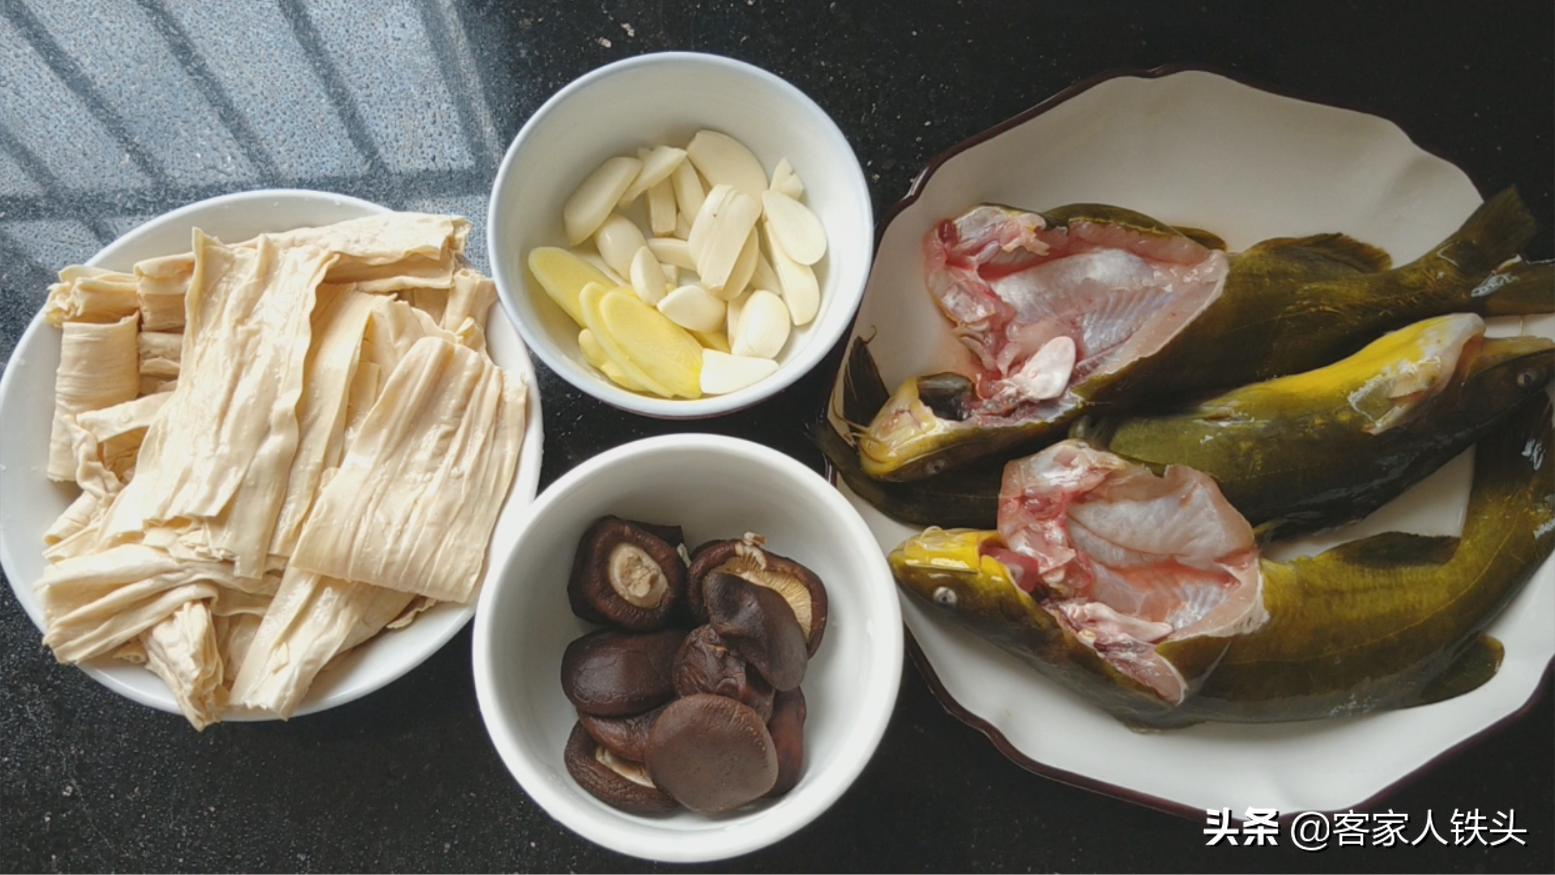 3条鱼一把腐竹,我家吃鱼10顿有5顿这样做,汁香下饭没腥味